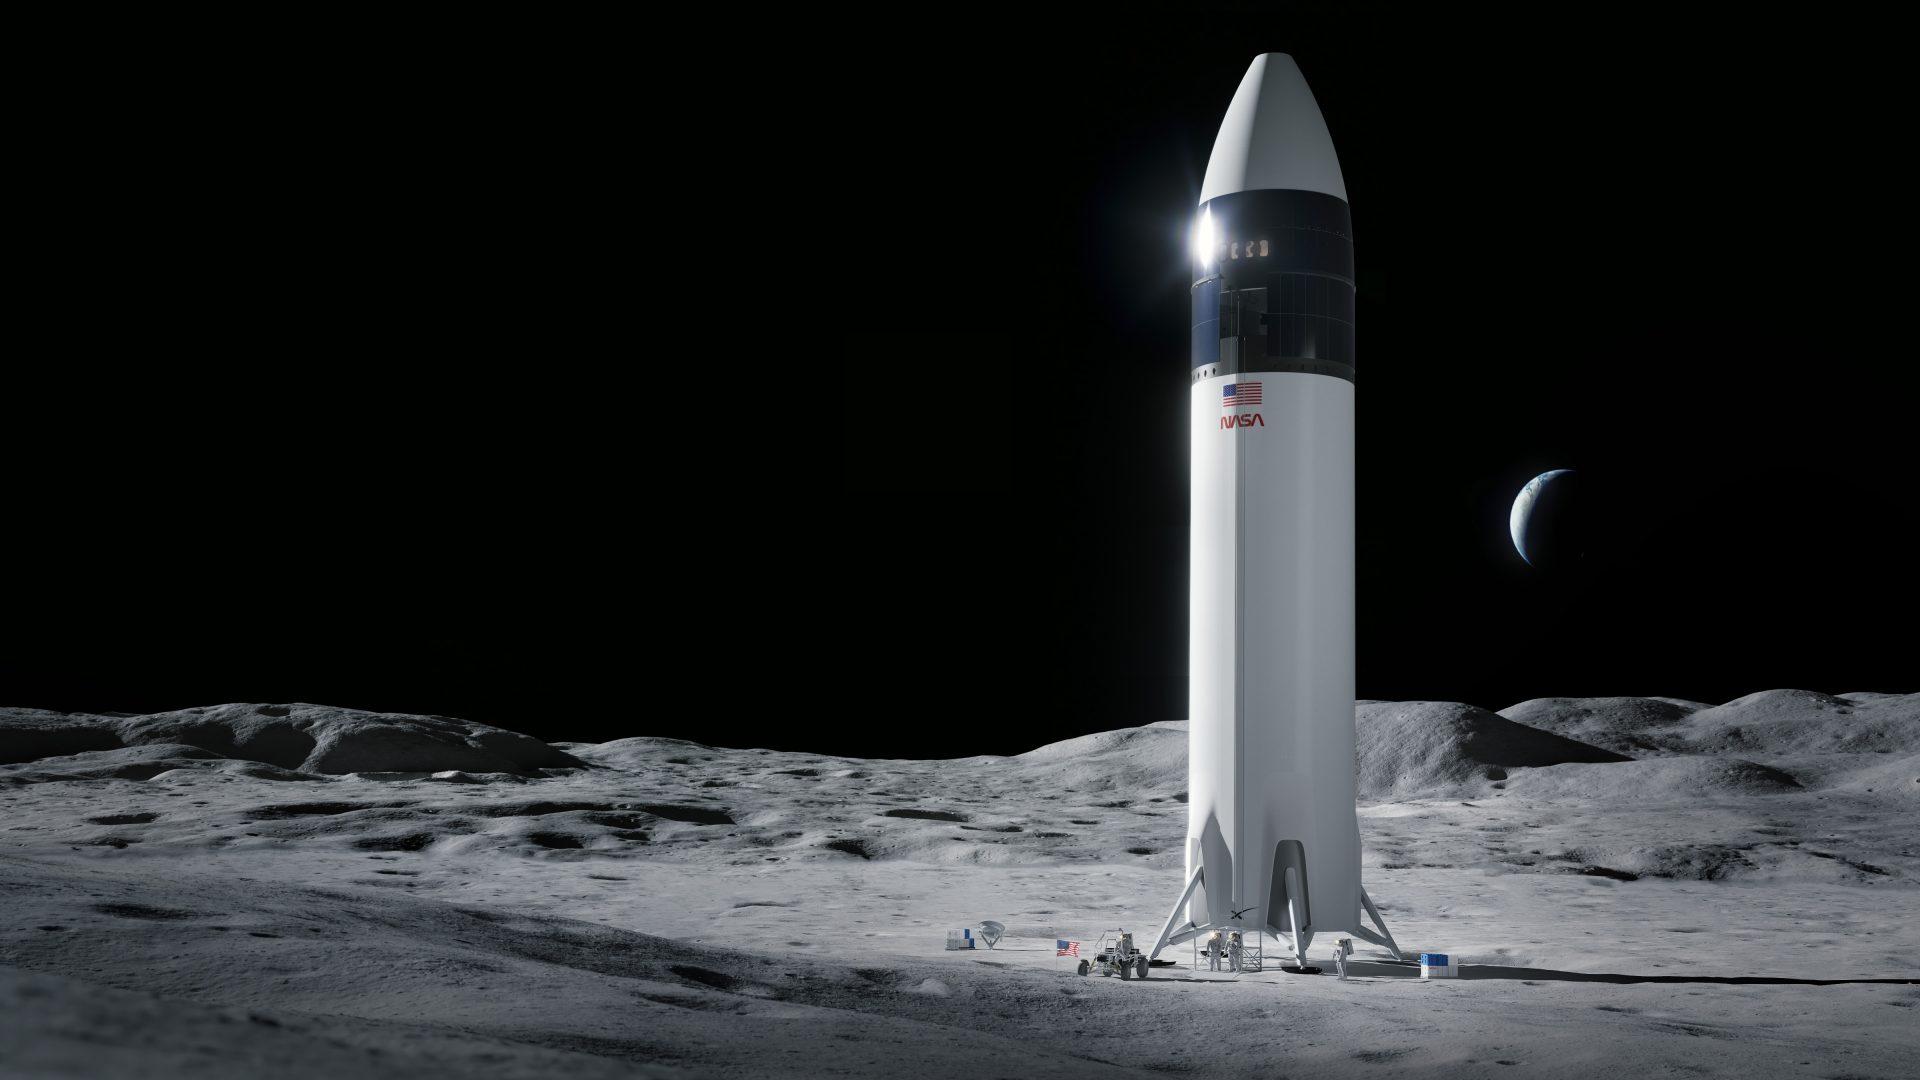 SpaceX a câștigat un contract NASA pentru a trimite oameni pe Lună